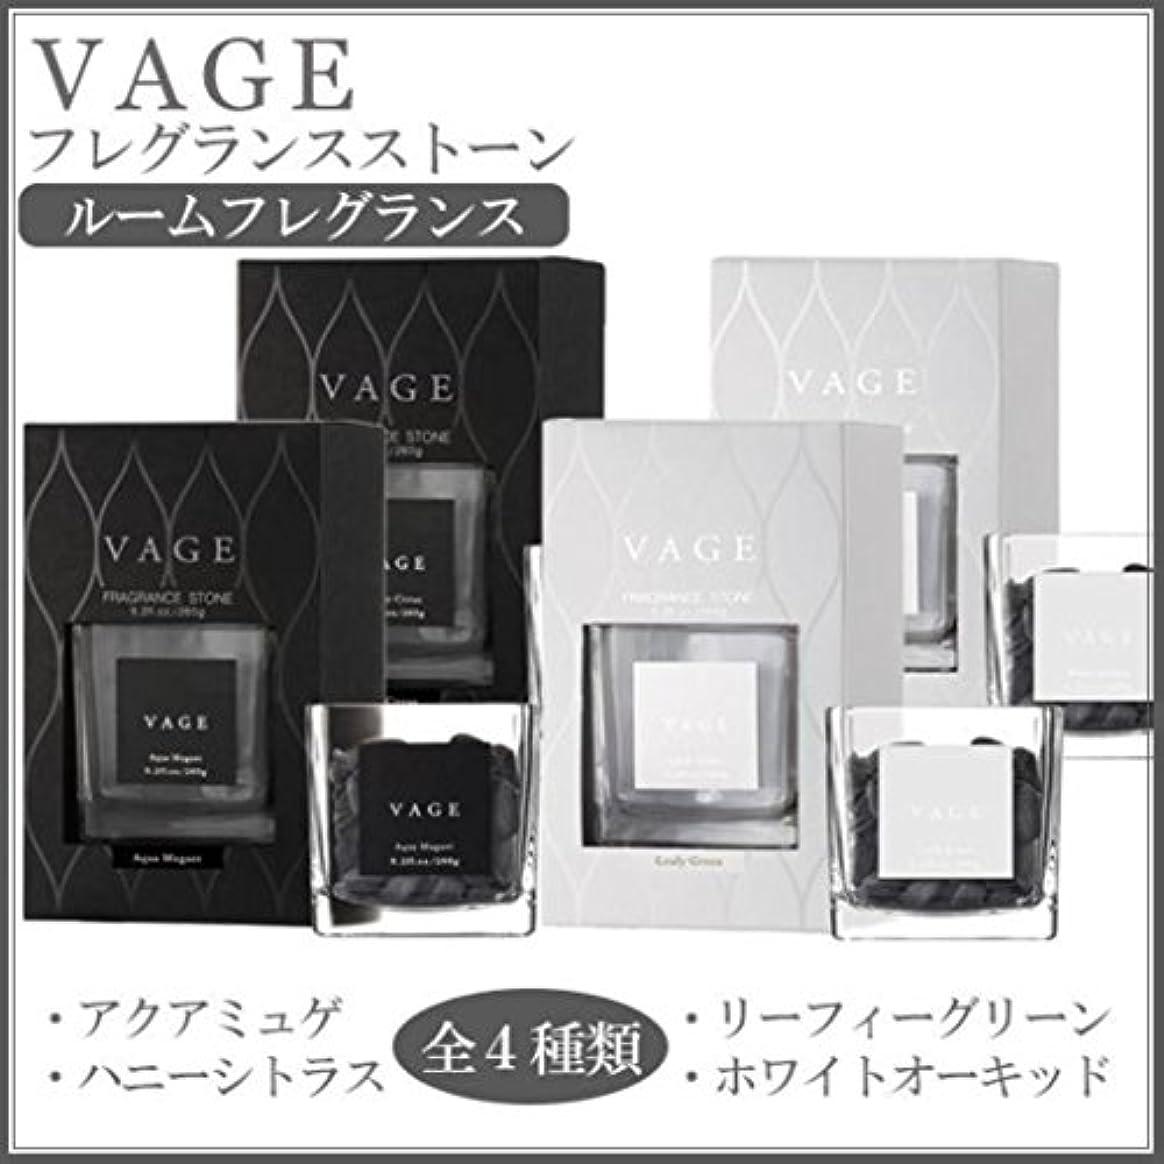 VAGE(バーグ) フレグランスストーン ルームフレグランス 260g リーフィーグリーン?6189